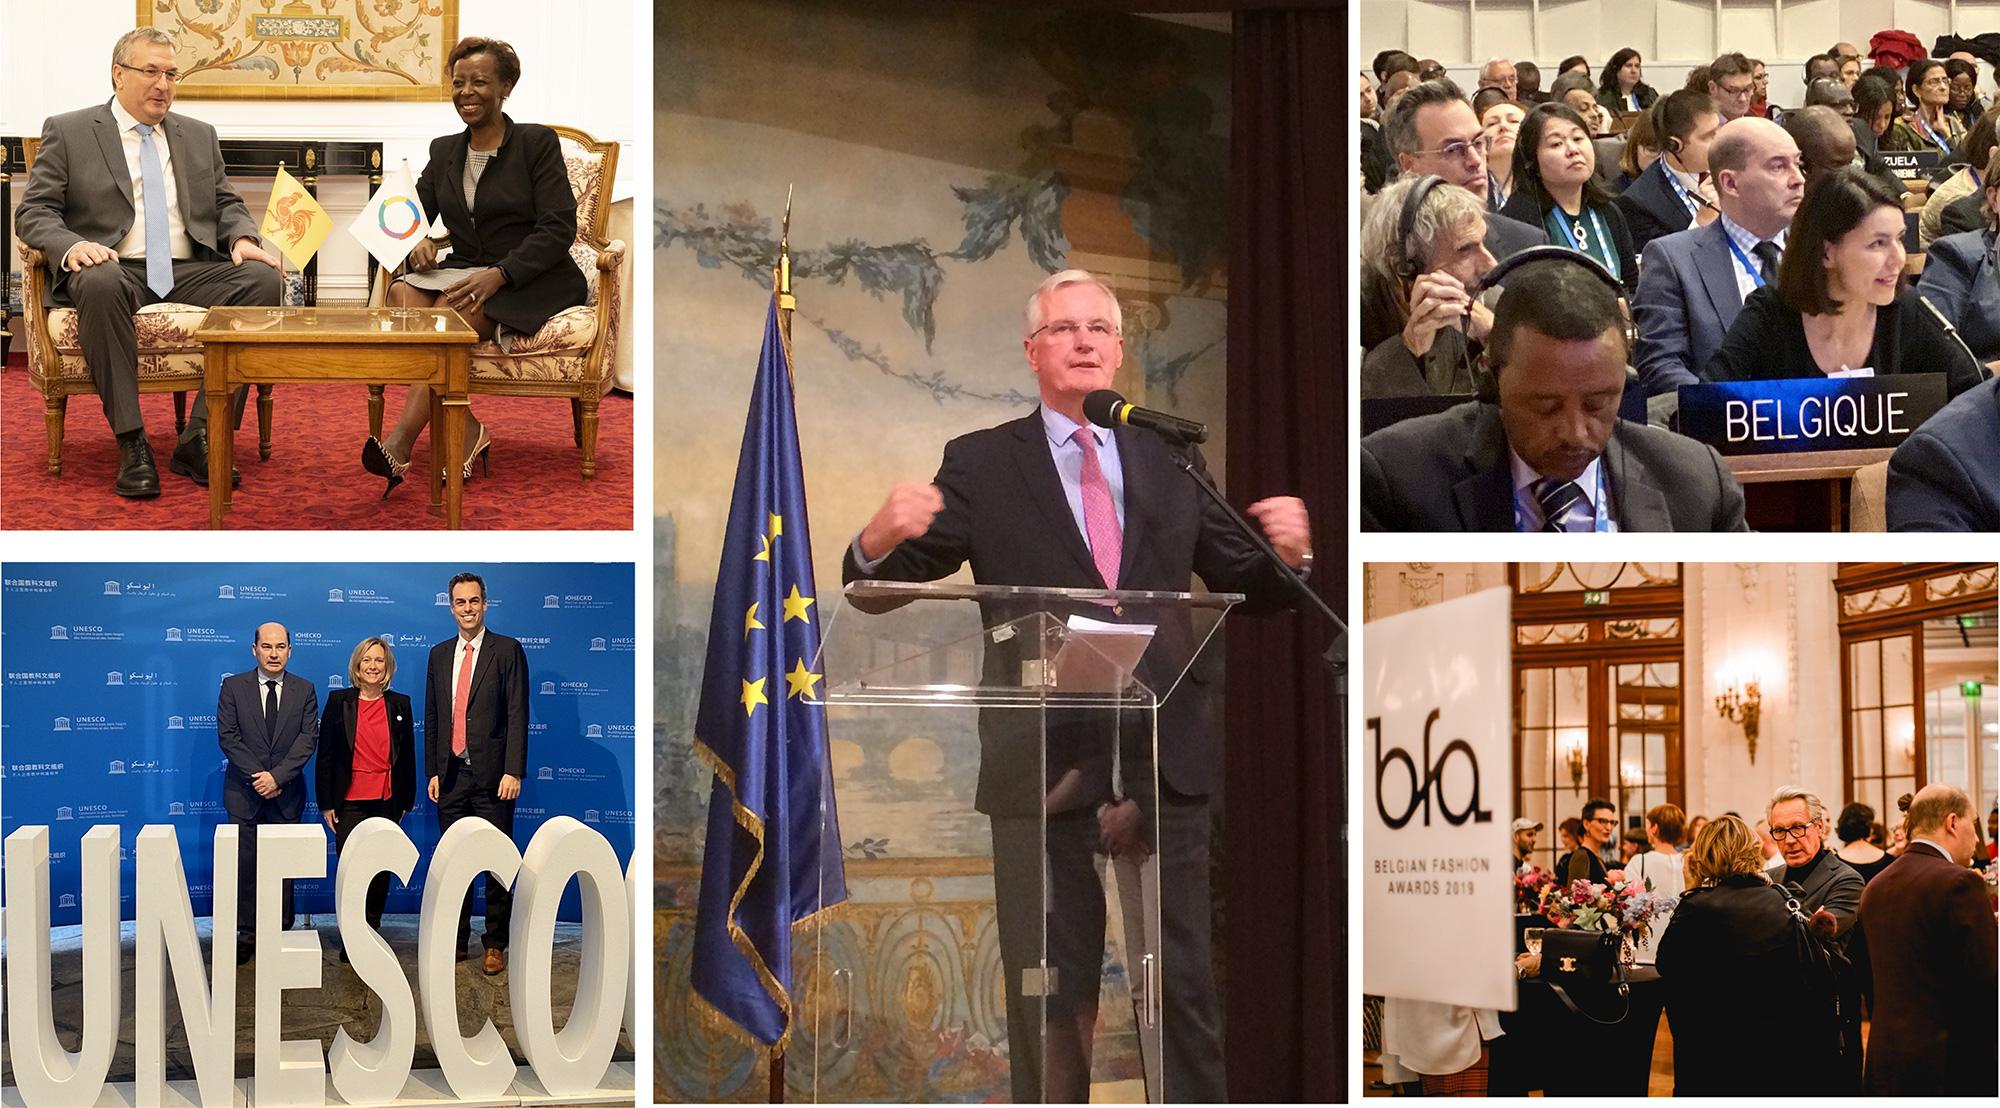 Crédits photos :  Photo du Ministre-Président de la Fédération Wallonie-Bruxelles, Pierre-Yves Jeholet : ©Antoine Jamonneau/OIF Photo des Belgian Fashion Awards : ©Noémie Boone